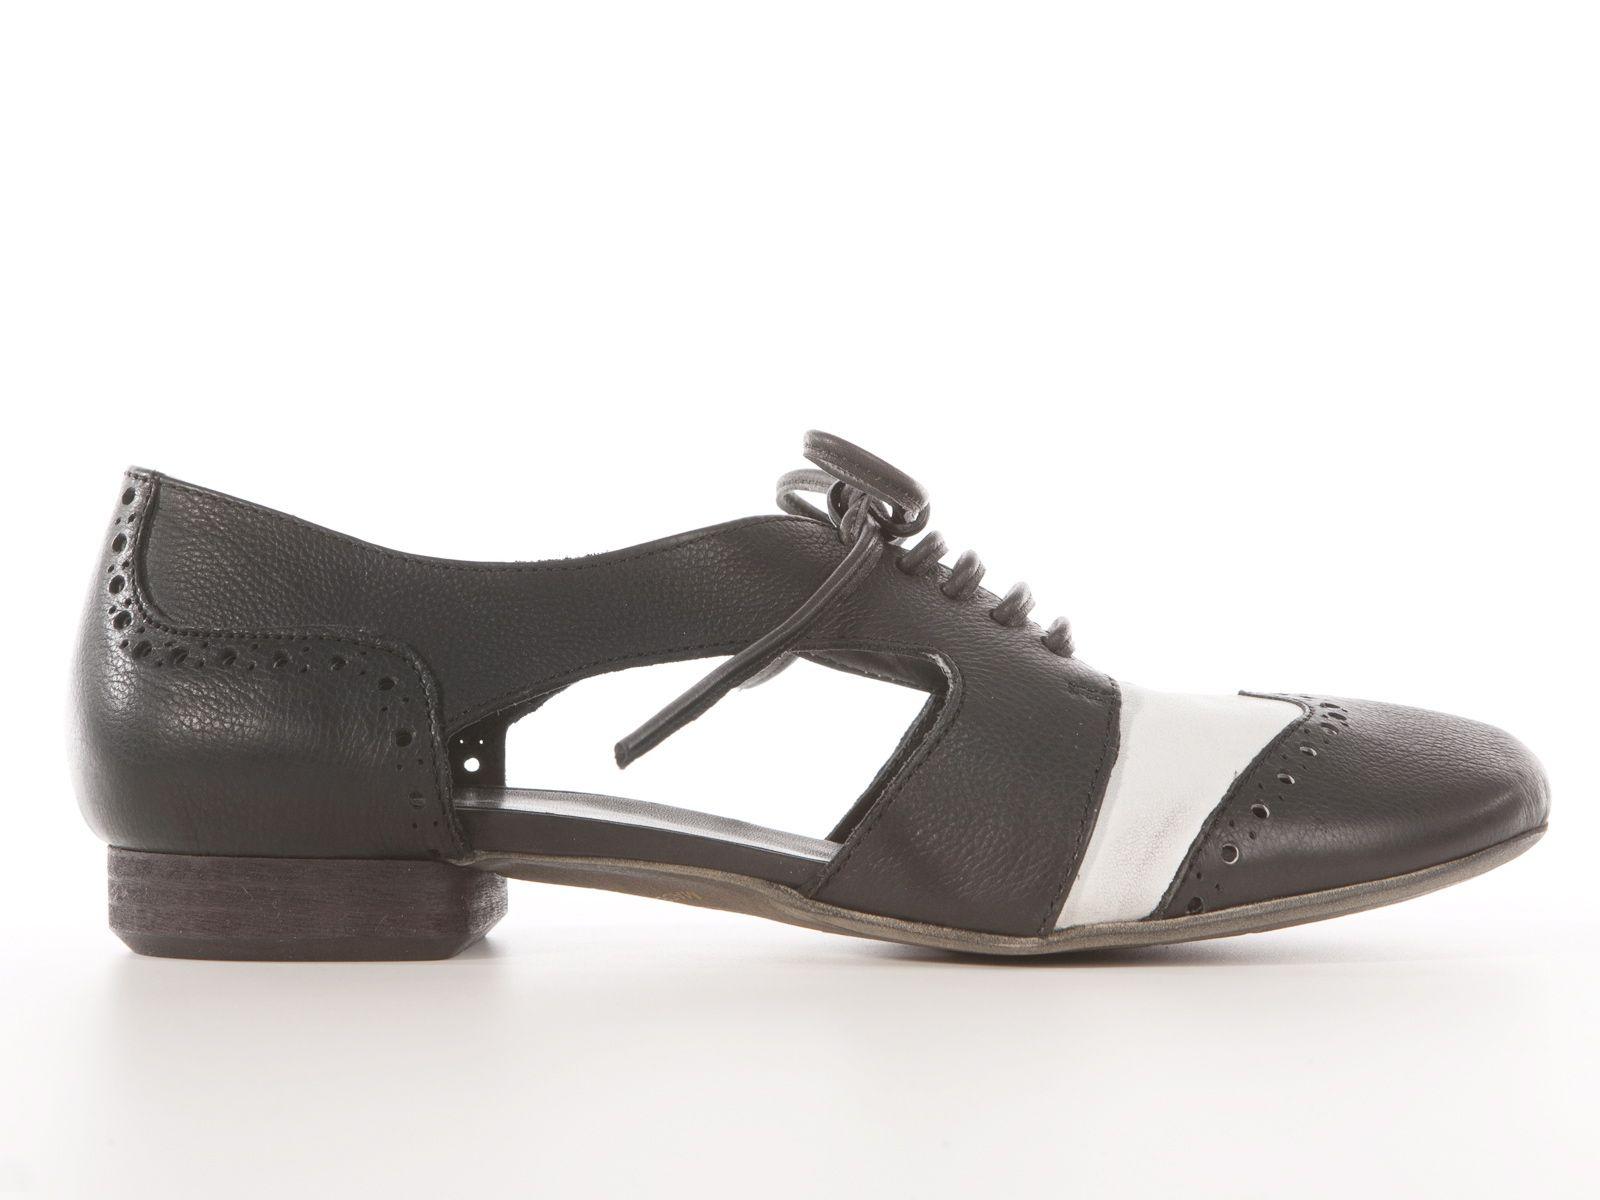 I Love Italian Shoes - il primo store online dove potrai trovare tutte le scarpe dai migliori calzaturieri italiani direttamente a casa tua.